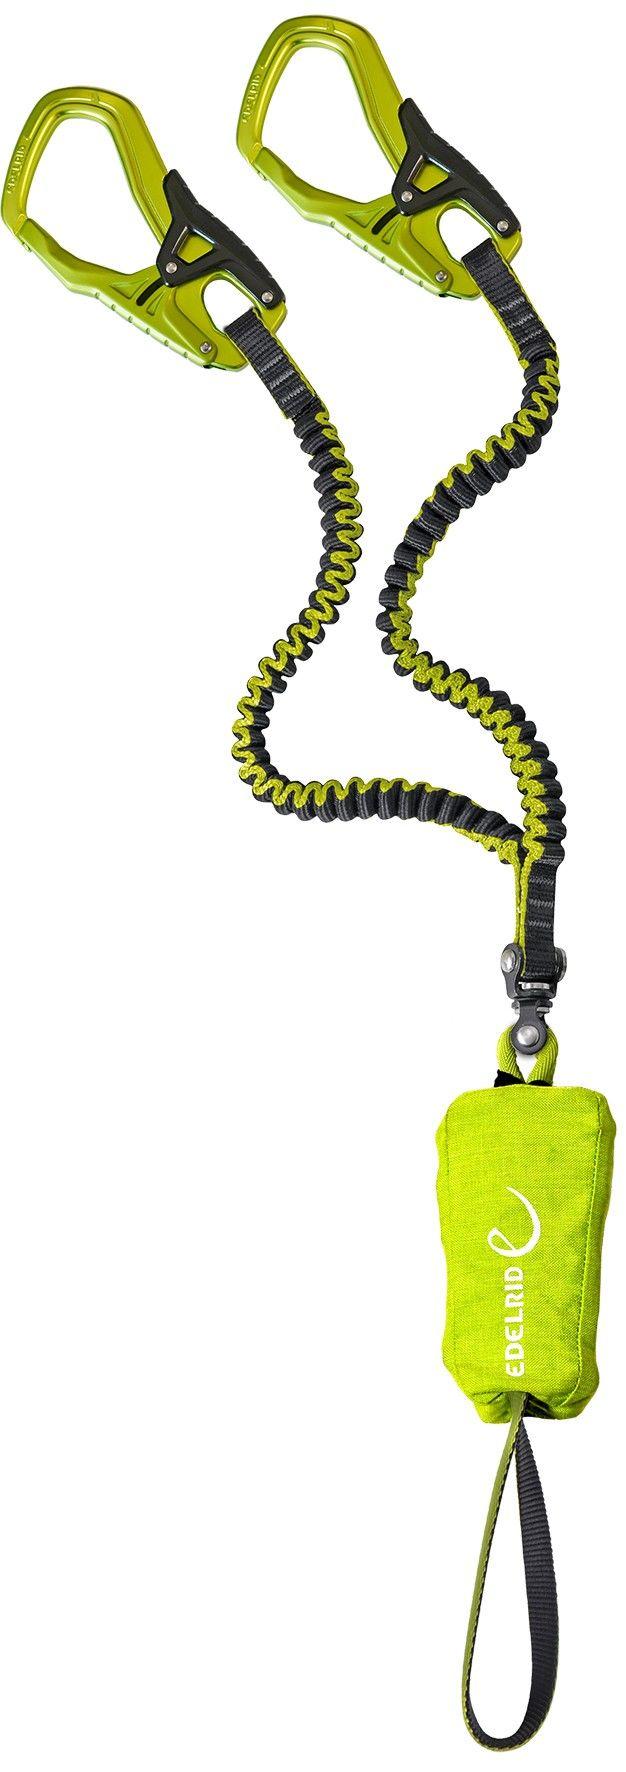 Edelrid Cable Comfort 5.0 | Größe One Size |  Klettersteig-Ausrüstung